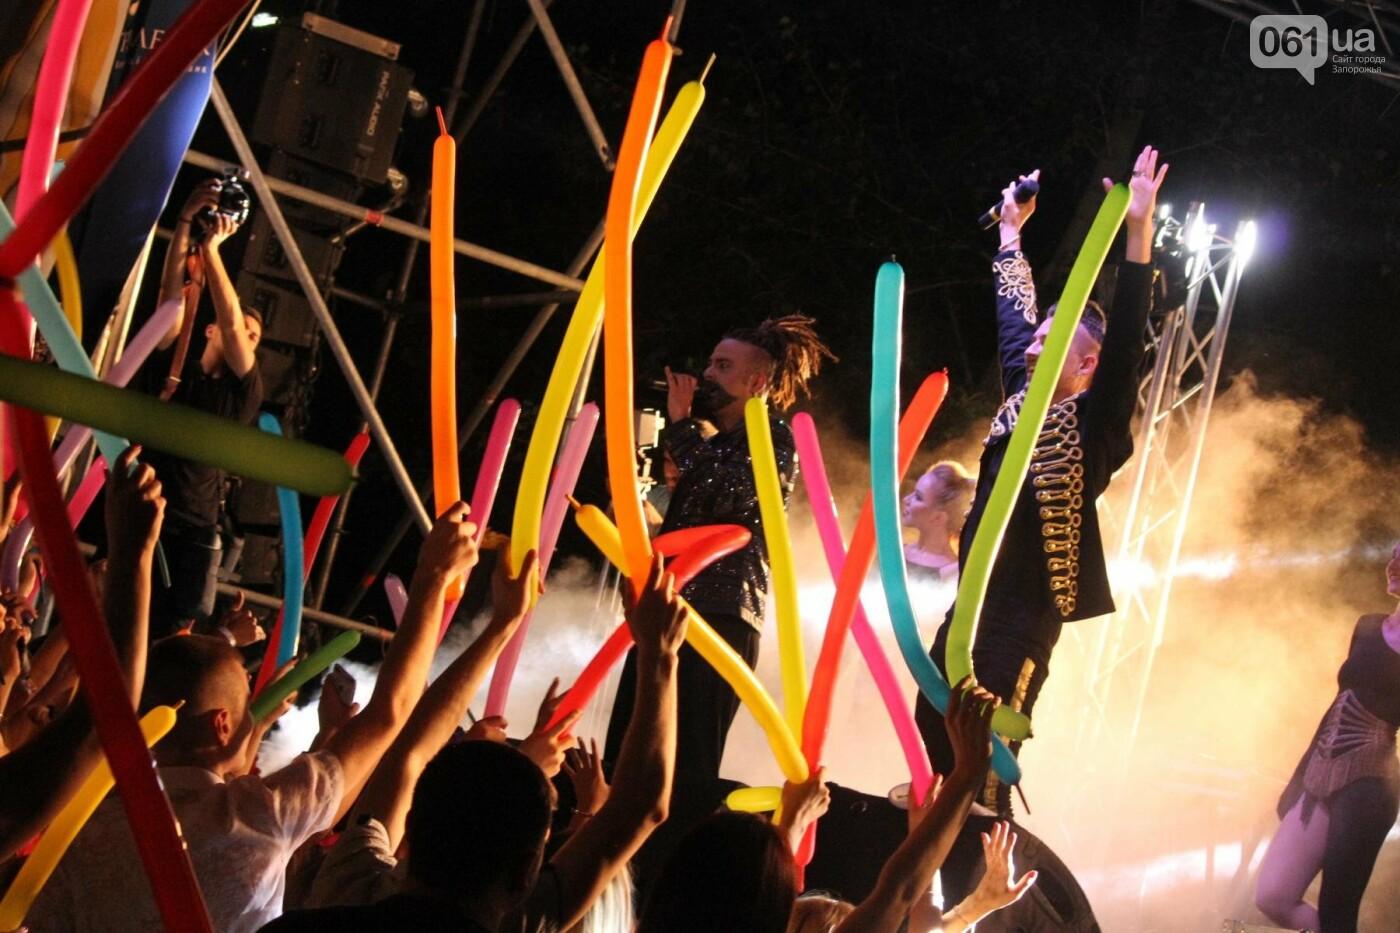 MONATIK, Amador Lopez, Kishe и Dilemma: в Запорожье Люкс ФМ устроило разрывную вечеринку, – ФОТОРЕПОРТАЖ, фото-39